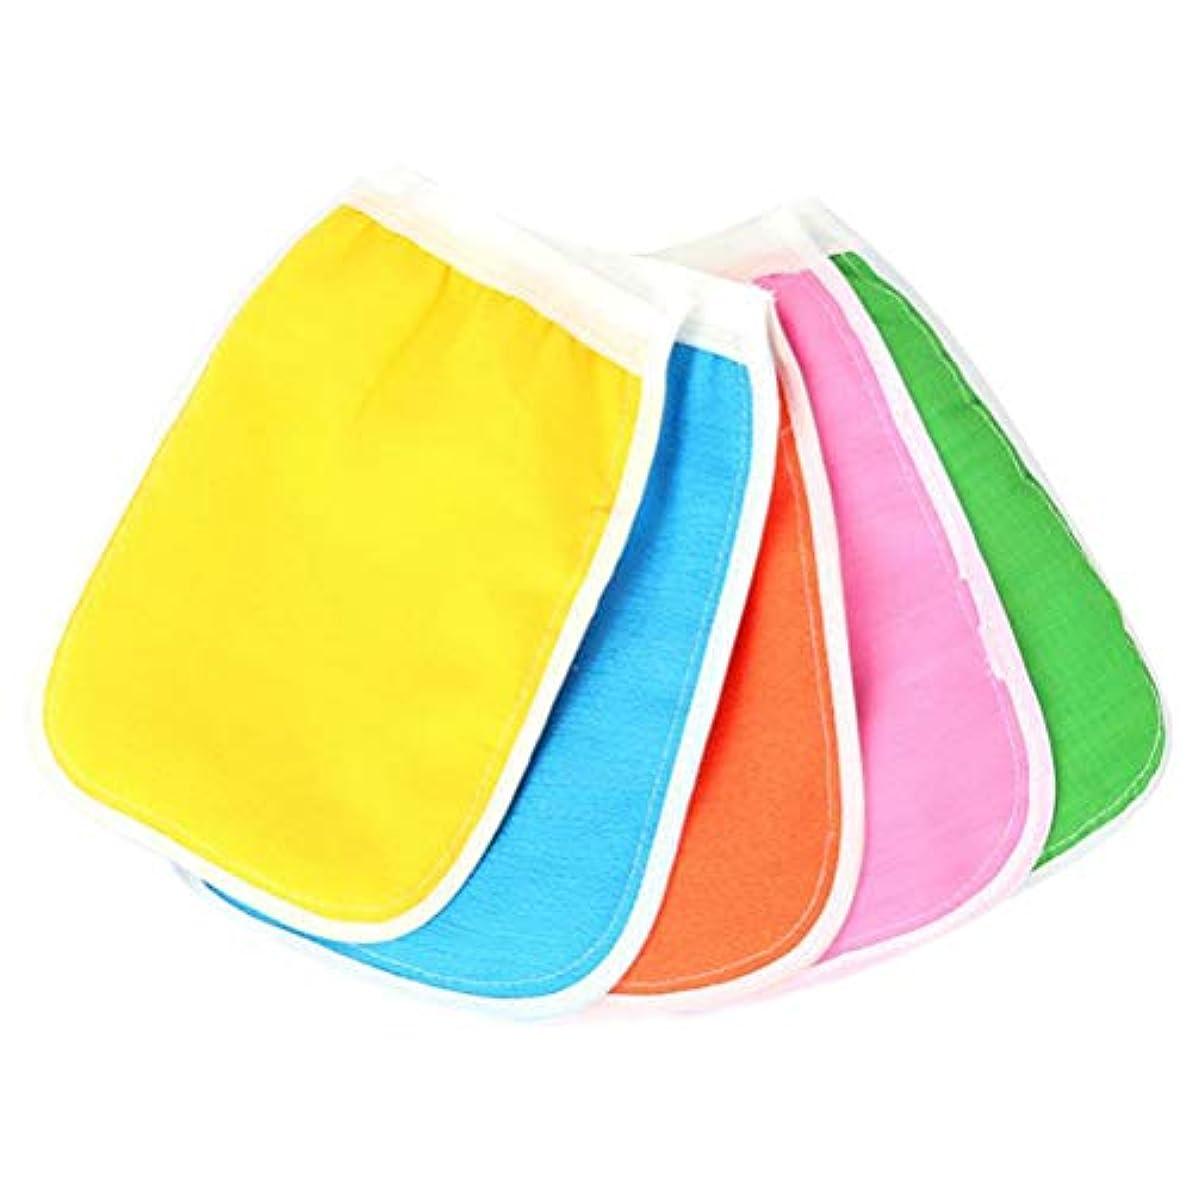 シロナガスクジラ記憶遊具HEALIFTY ボディスクラブミトン手袋入浴シャワースパ用クレンジングツール(混色)のための5本の剥離手袋